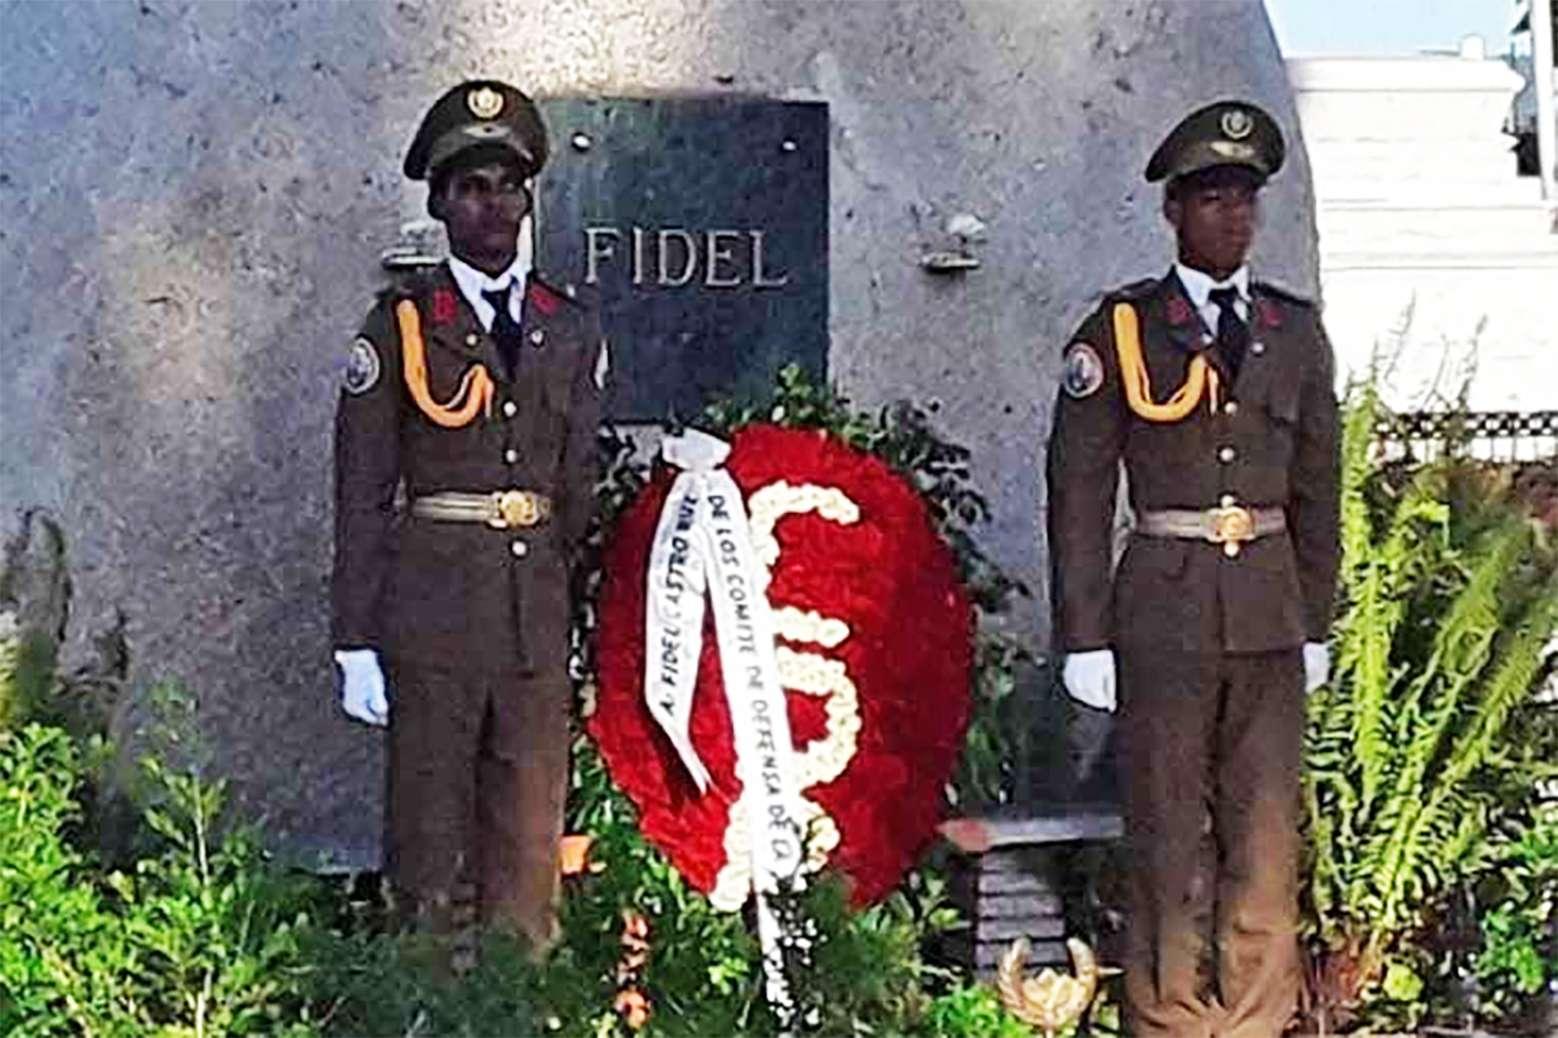 Homenaje a Fidel Castro como fundador de masiva organización en Cuba